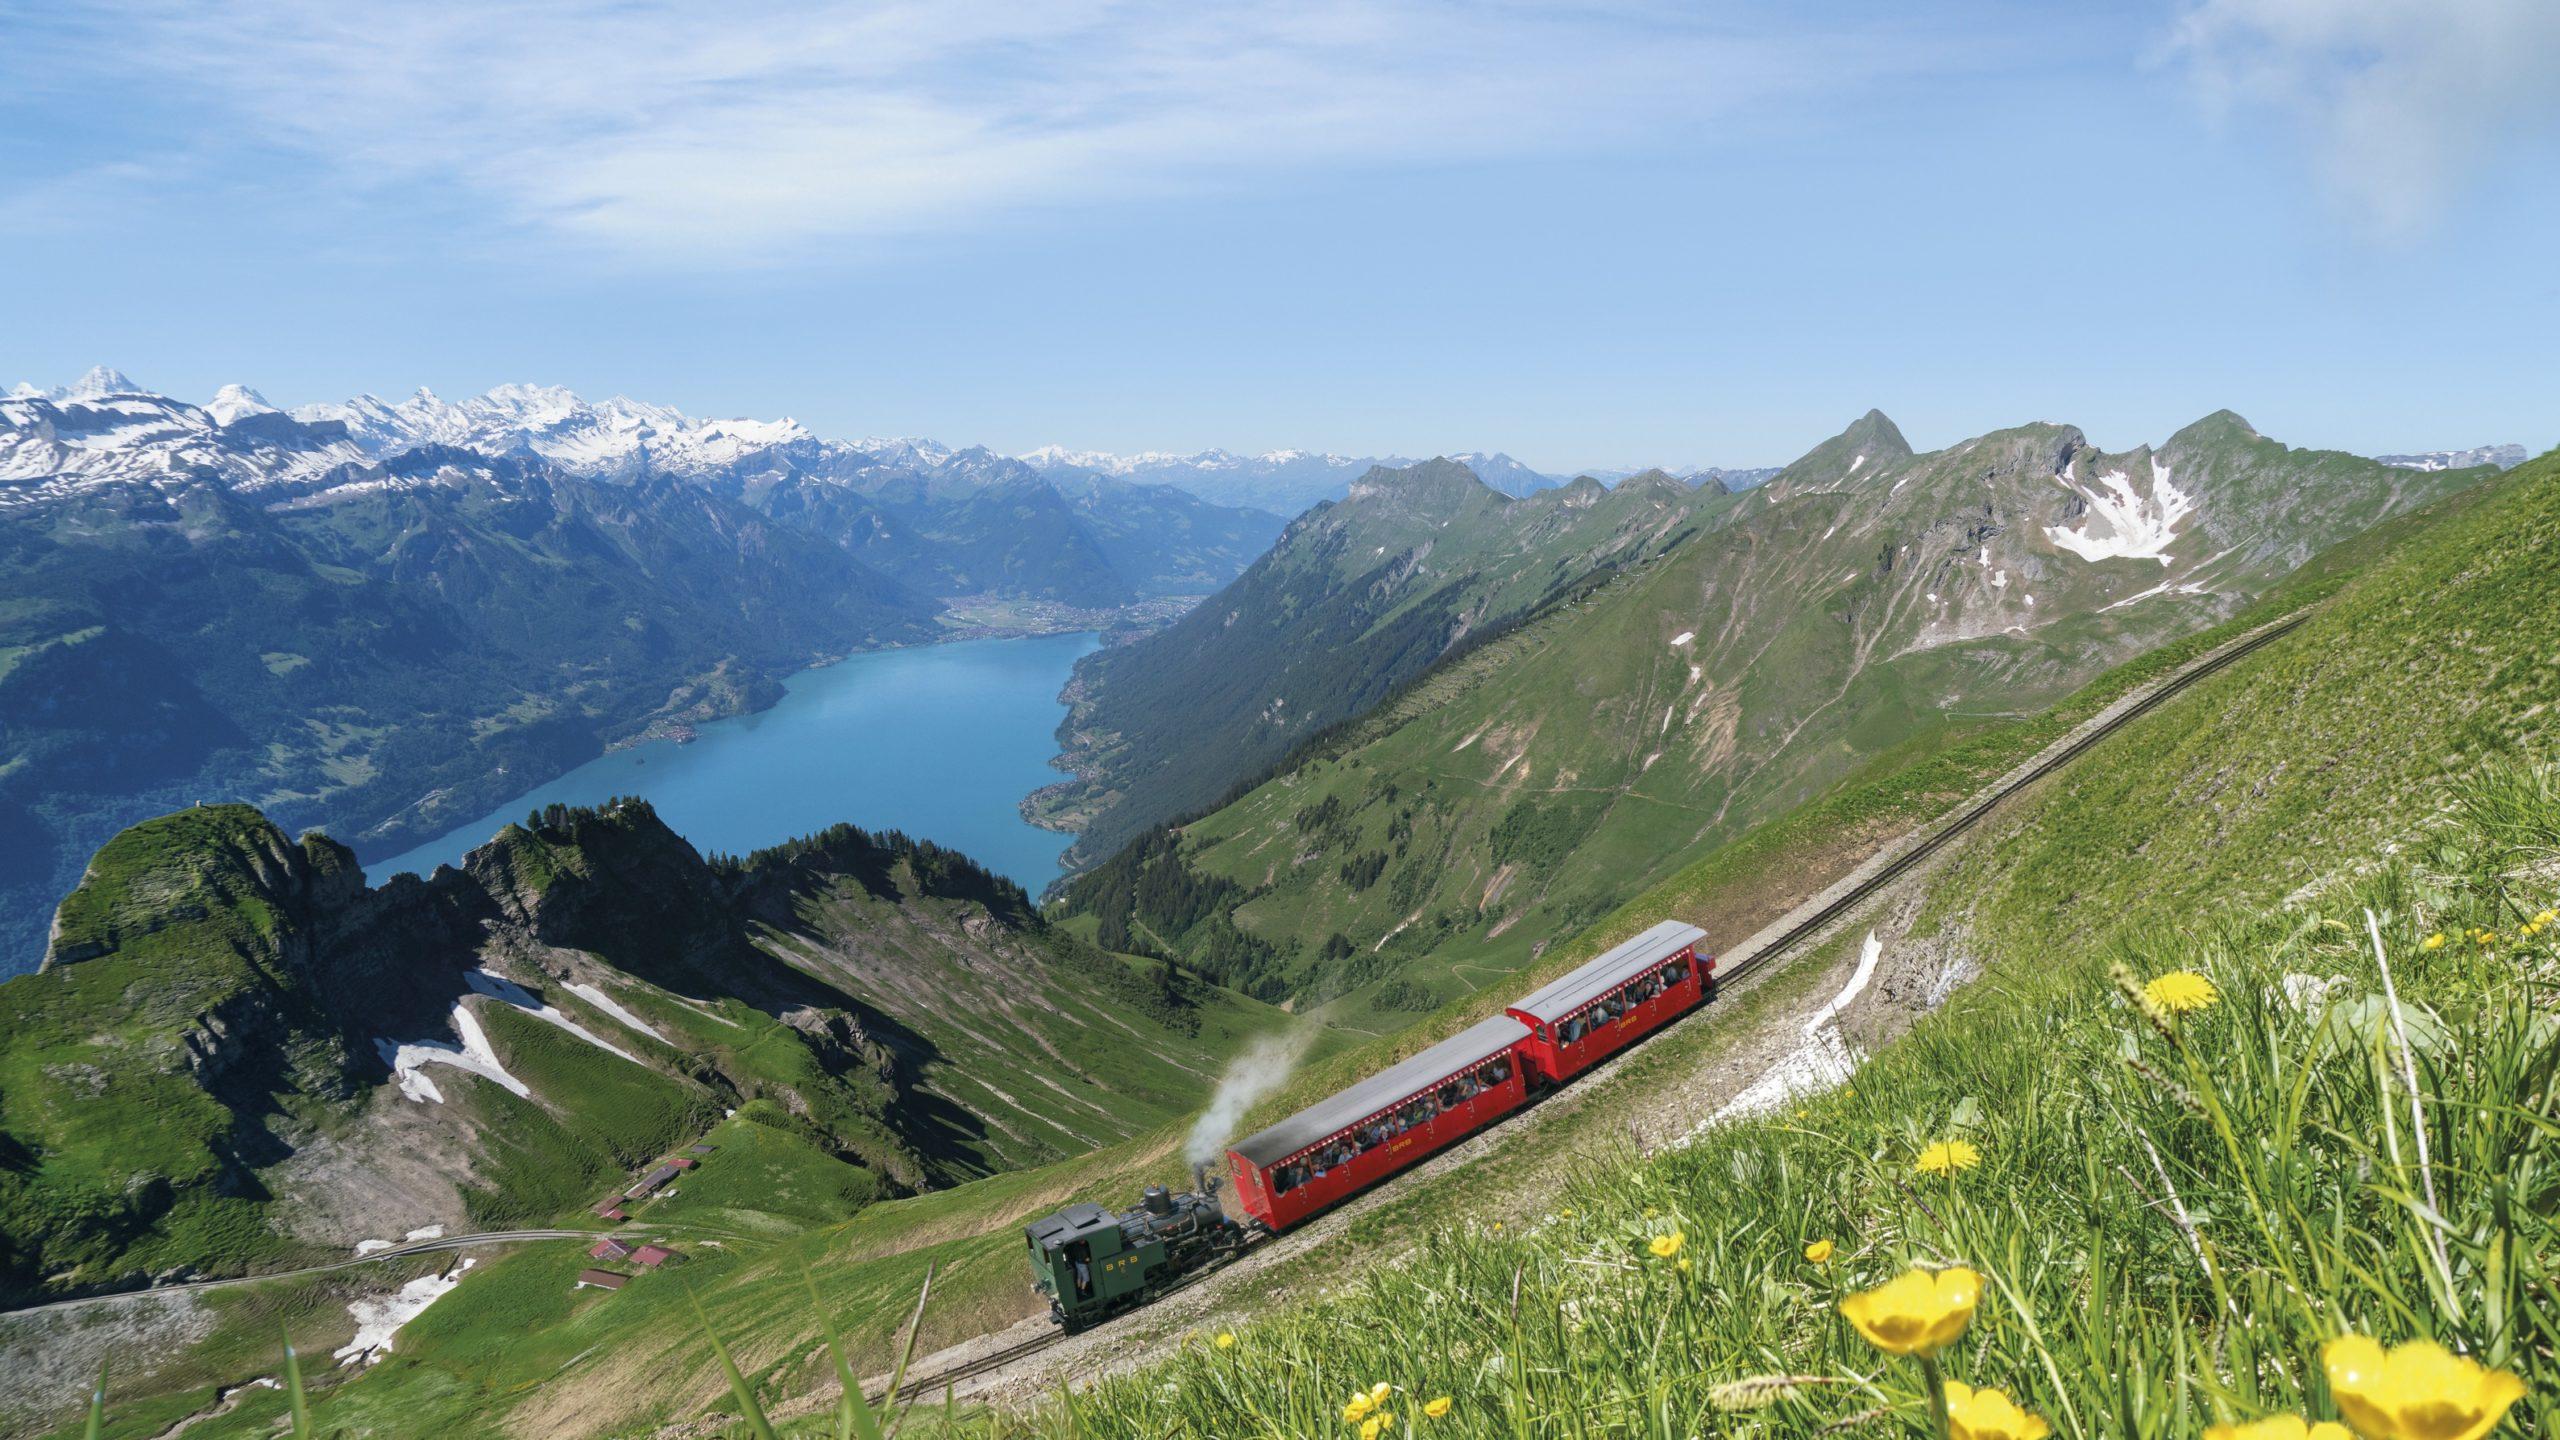 Brienzer-Rothorn-Bahn, Switzerland